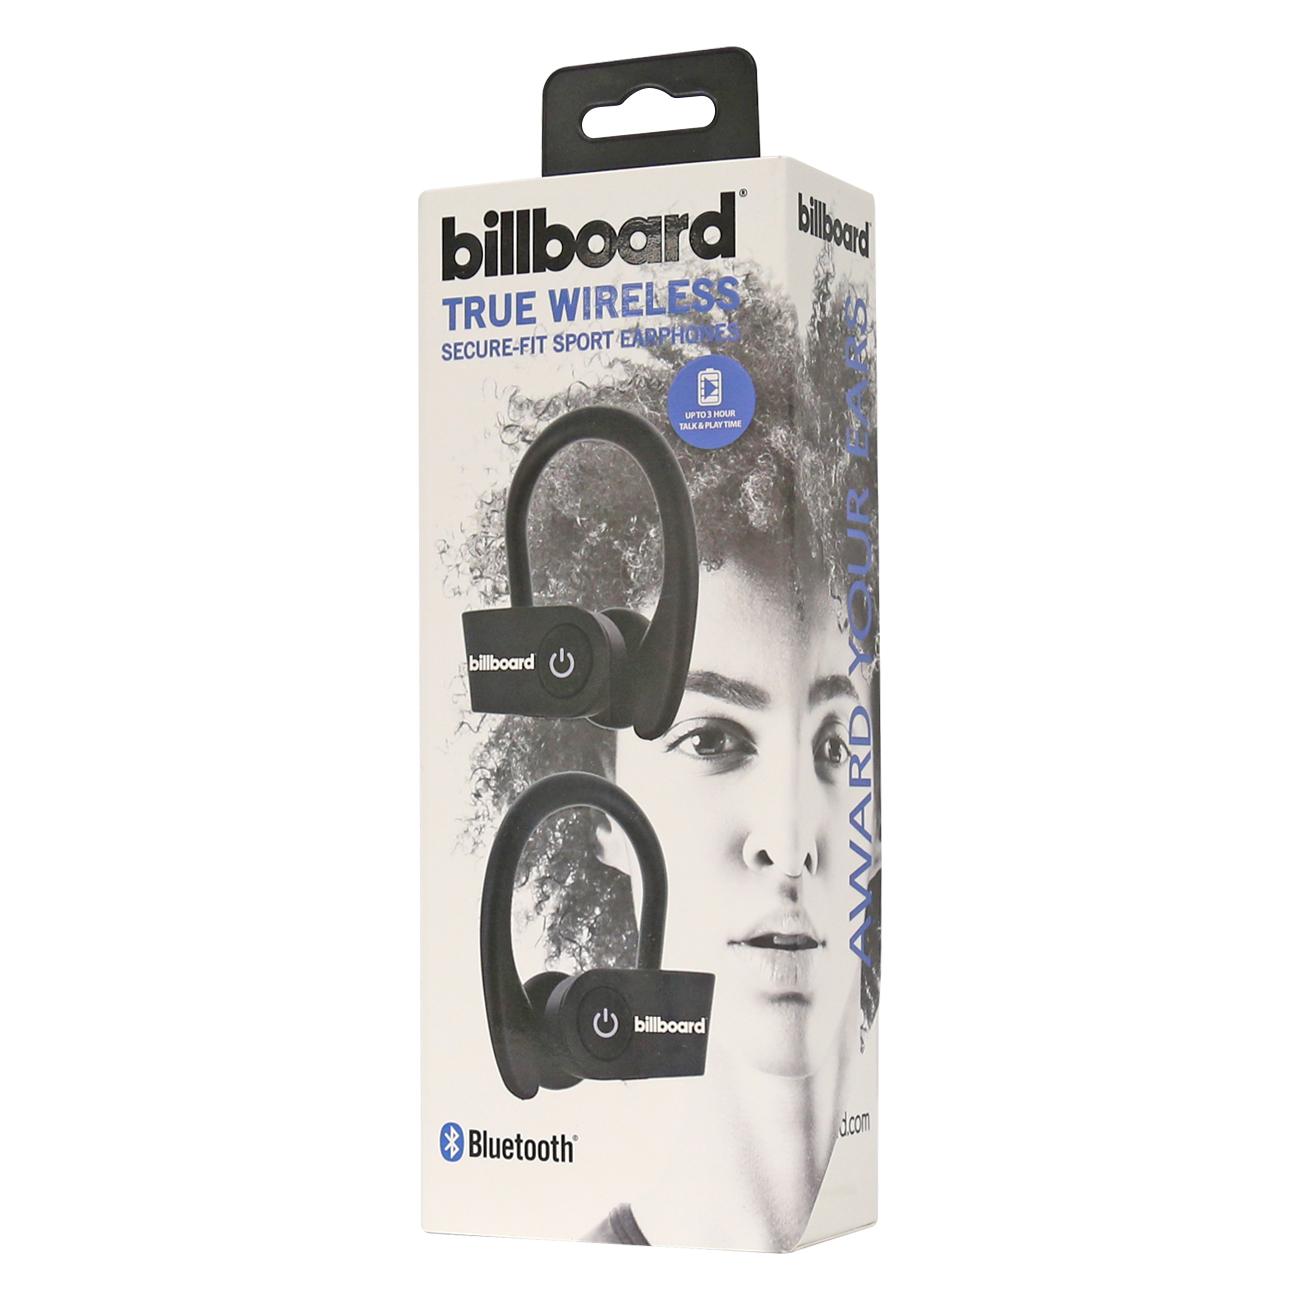 Billboard True Wireless Earhood